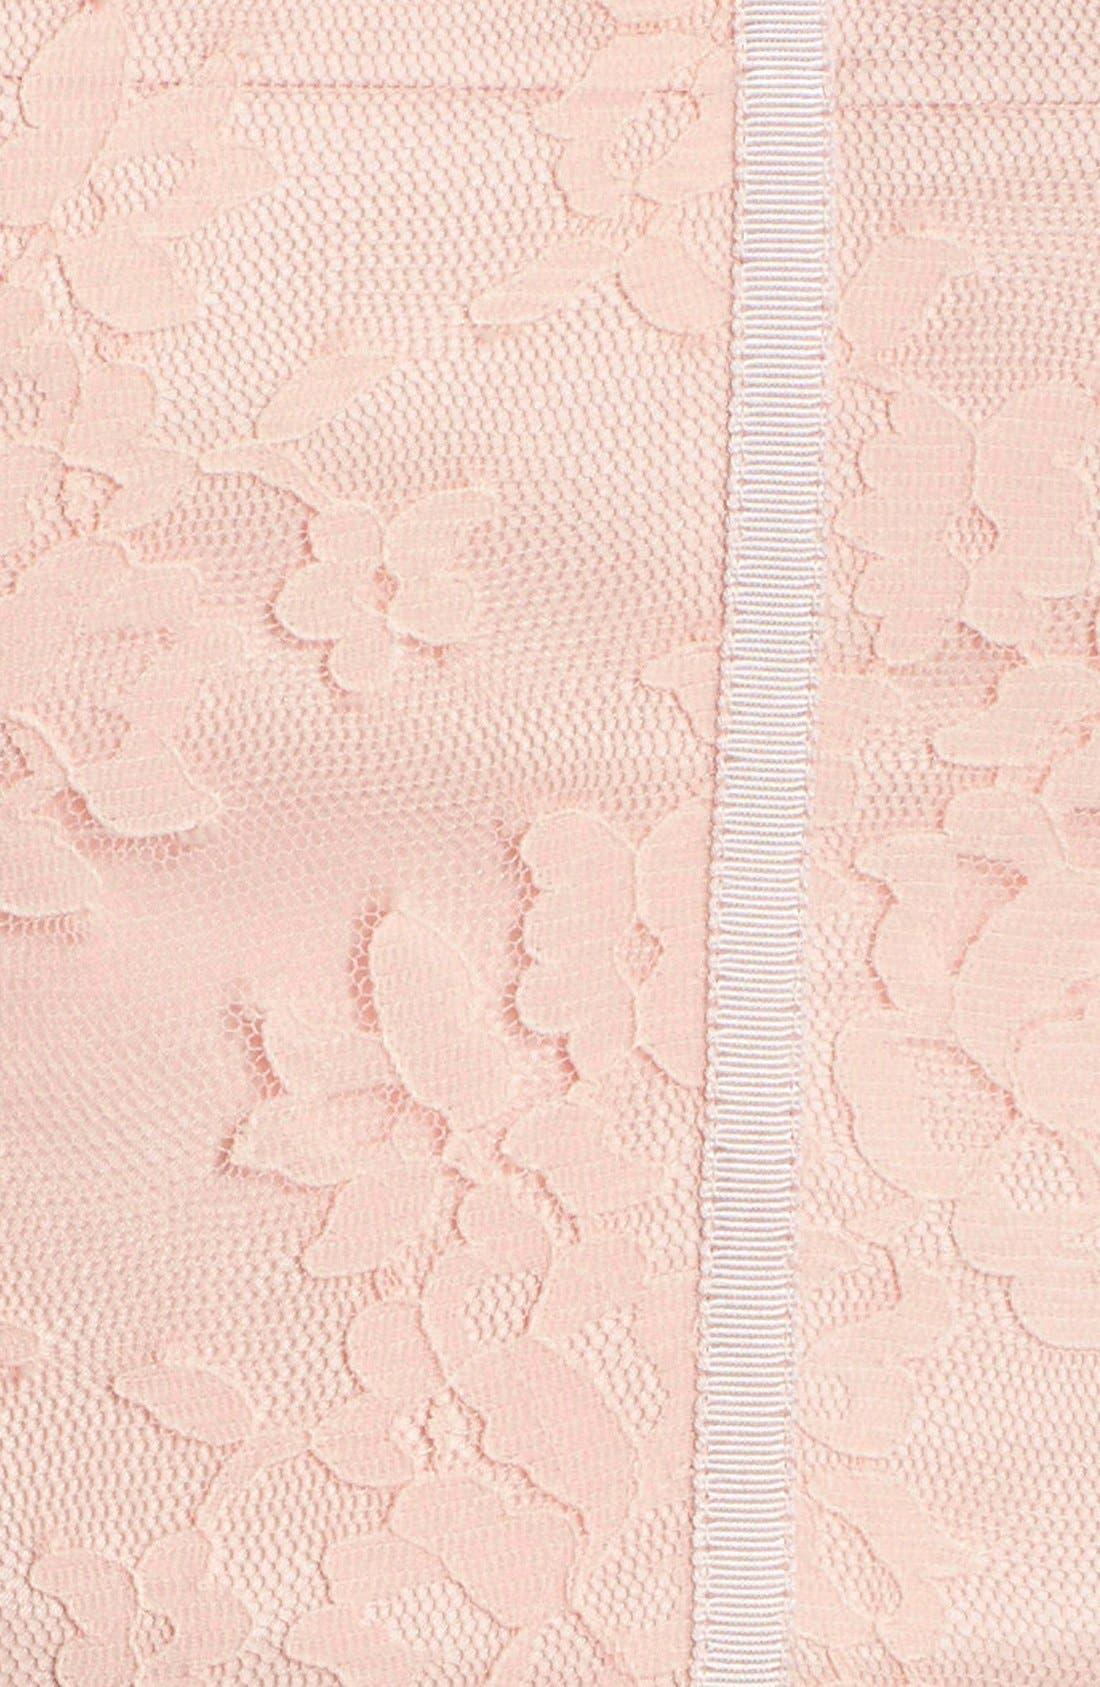 MONIQUE LHUILLIER BRIDESMAIDS,                             Strapless Lace & Tulle Gown,                             Alternate thumbnail 3, color,                             697